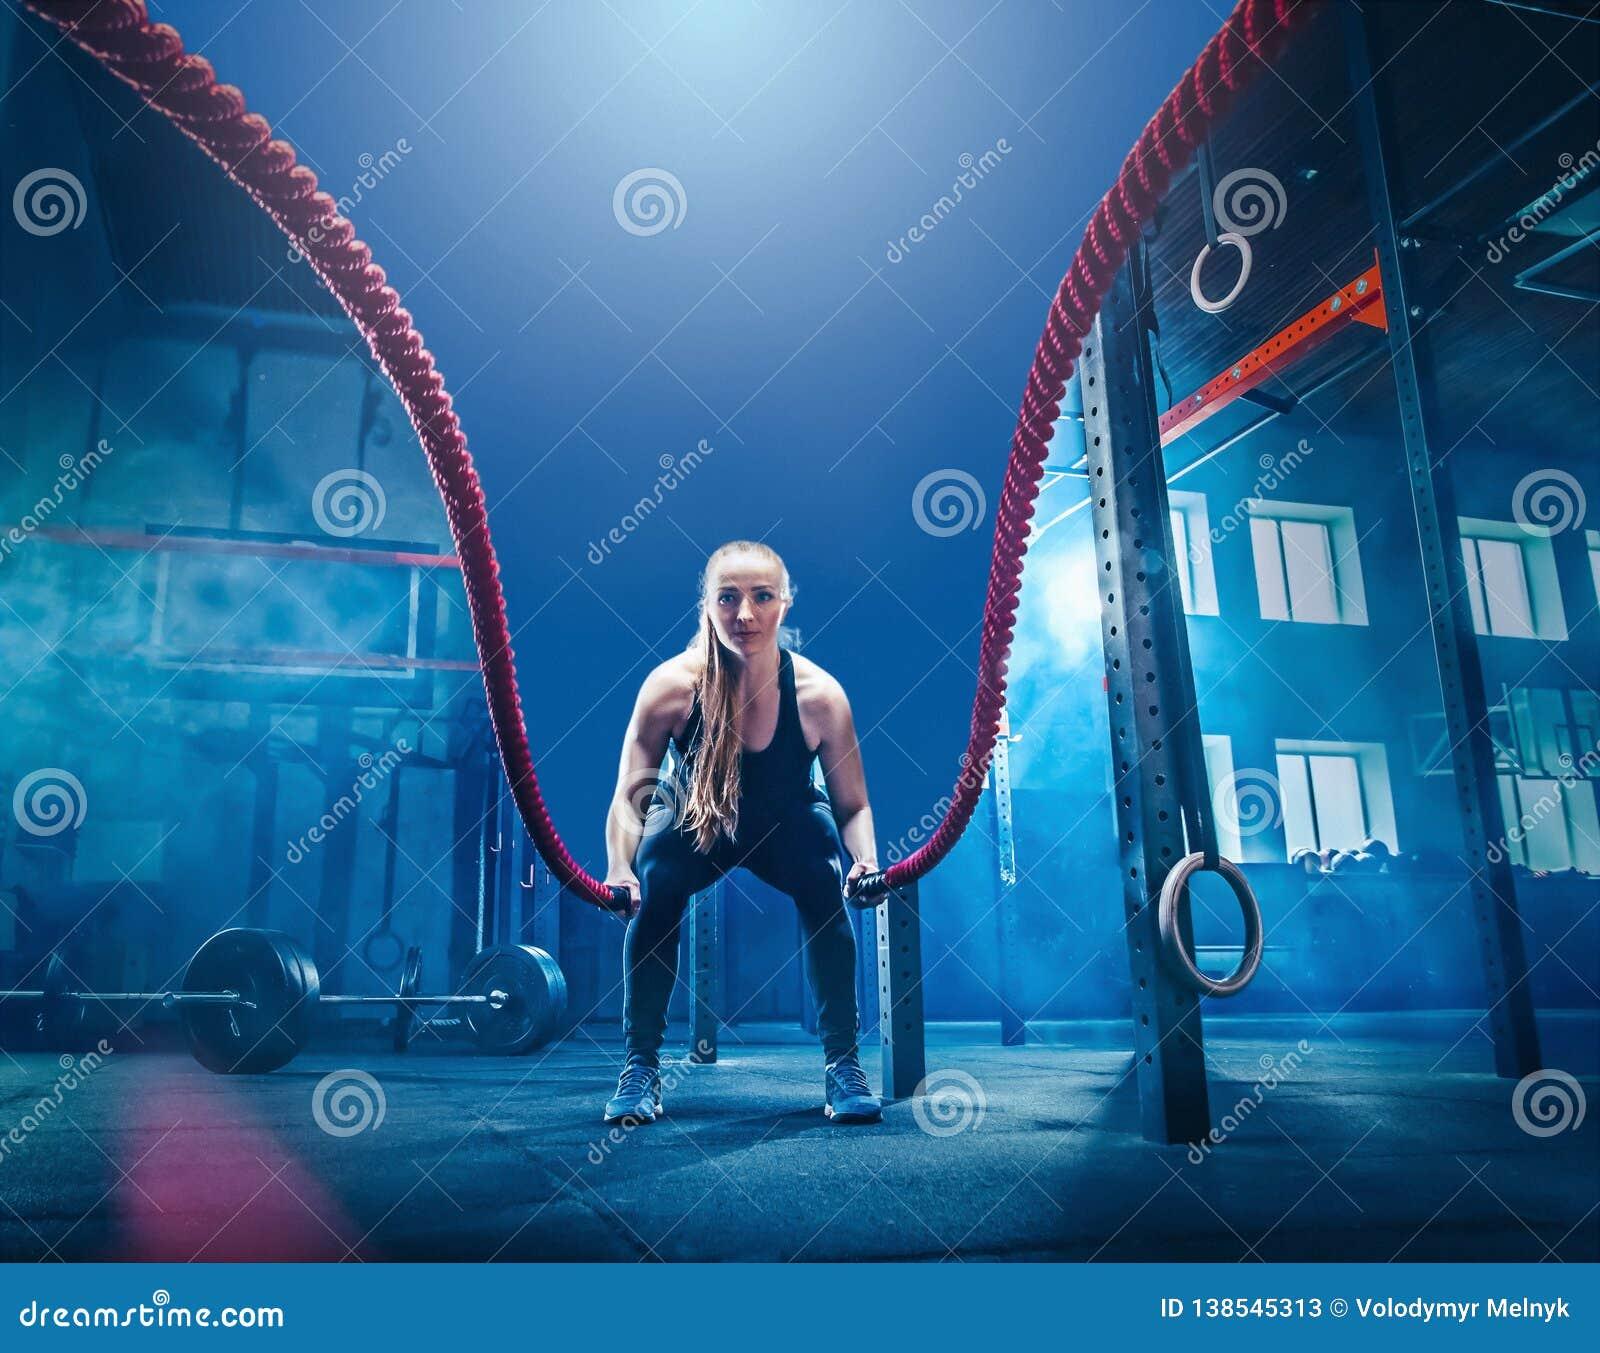 Frau mit Kampfseilkampf ropes Übung in der Eignungsturnhalle